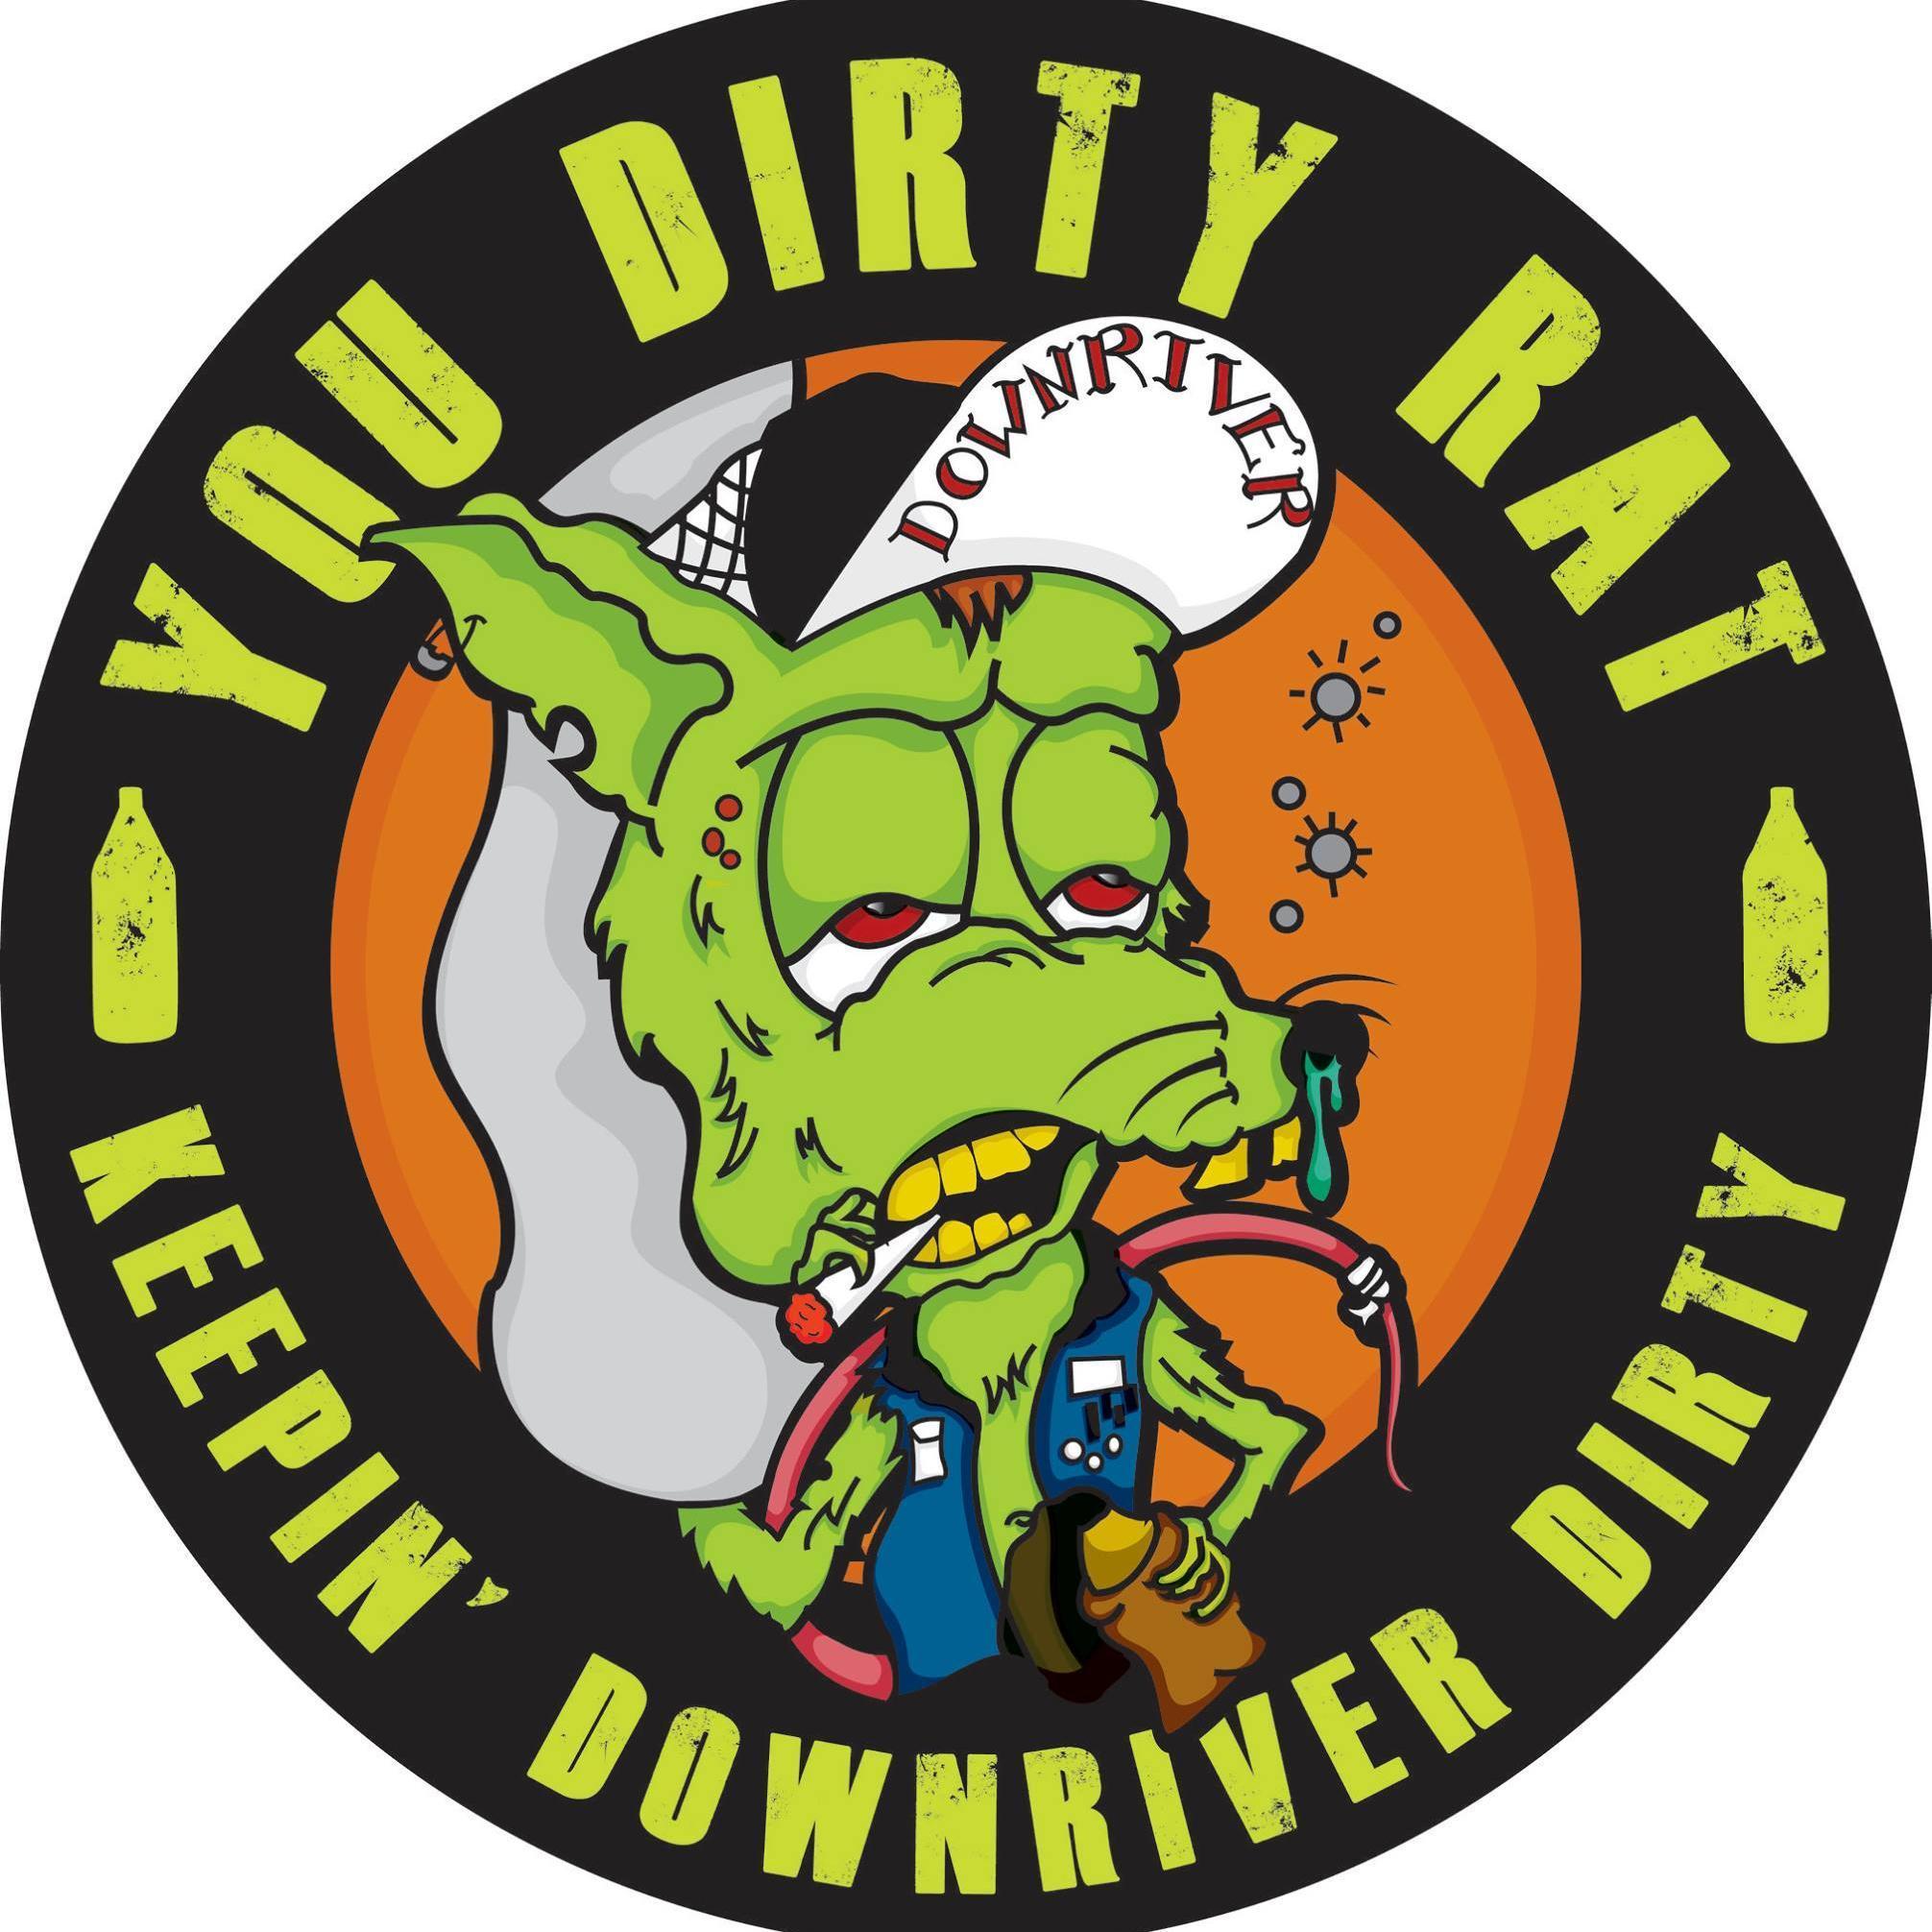 You Dirty Rat (@YouDirtyRatDET).